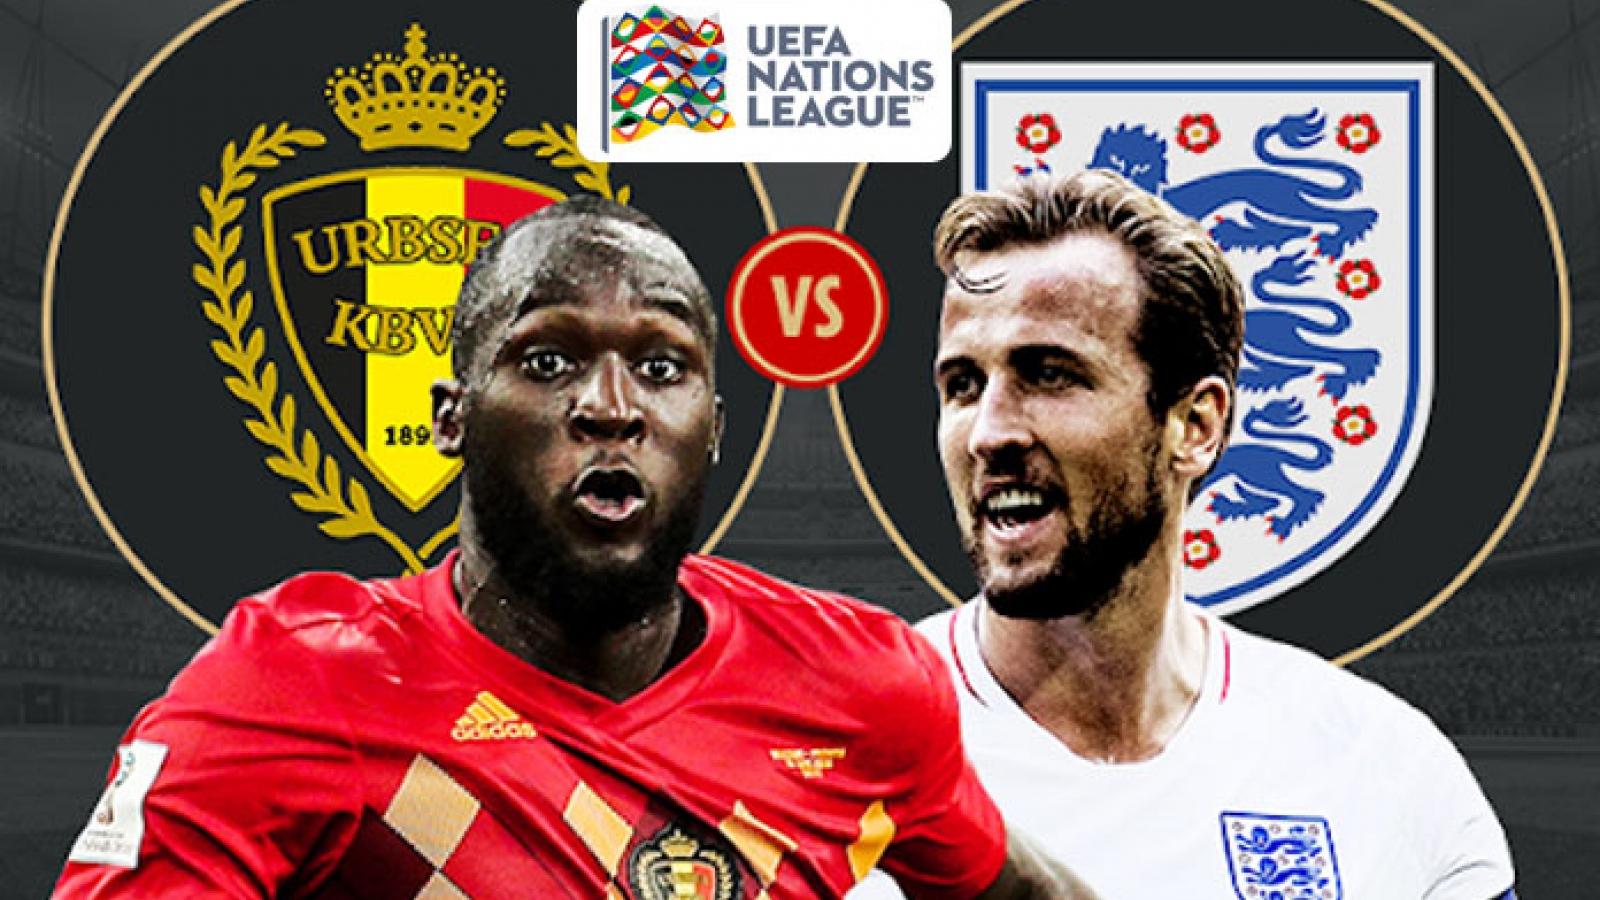 Lịch thi đấu bóng đá hôm nay (15/11): Bỉ - Anh đại chiến